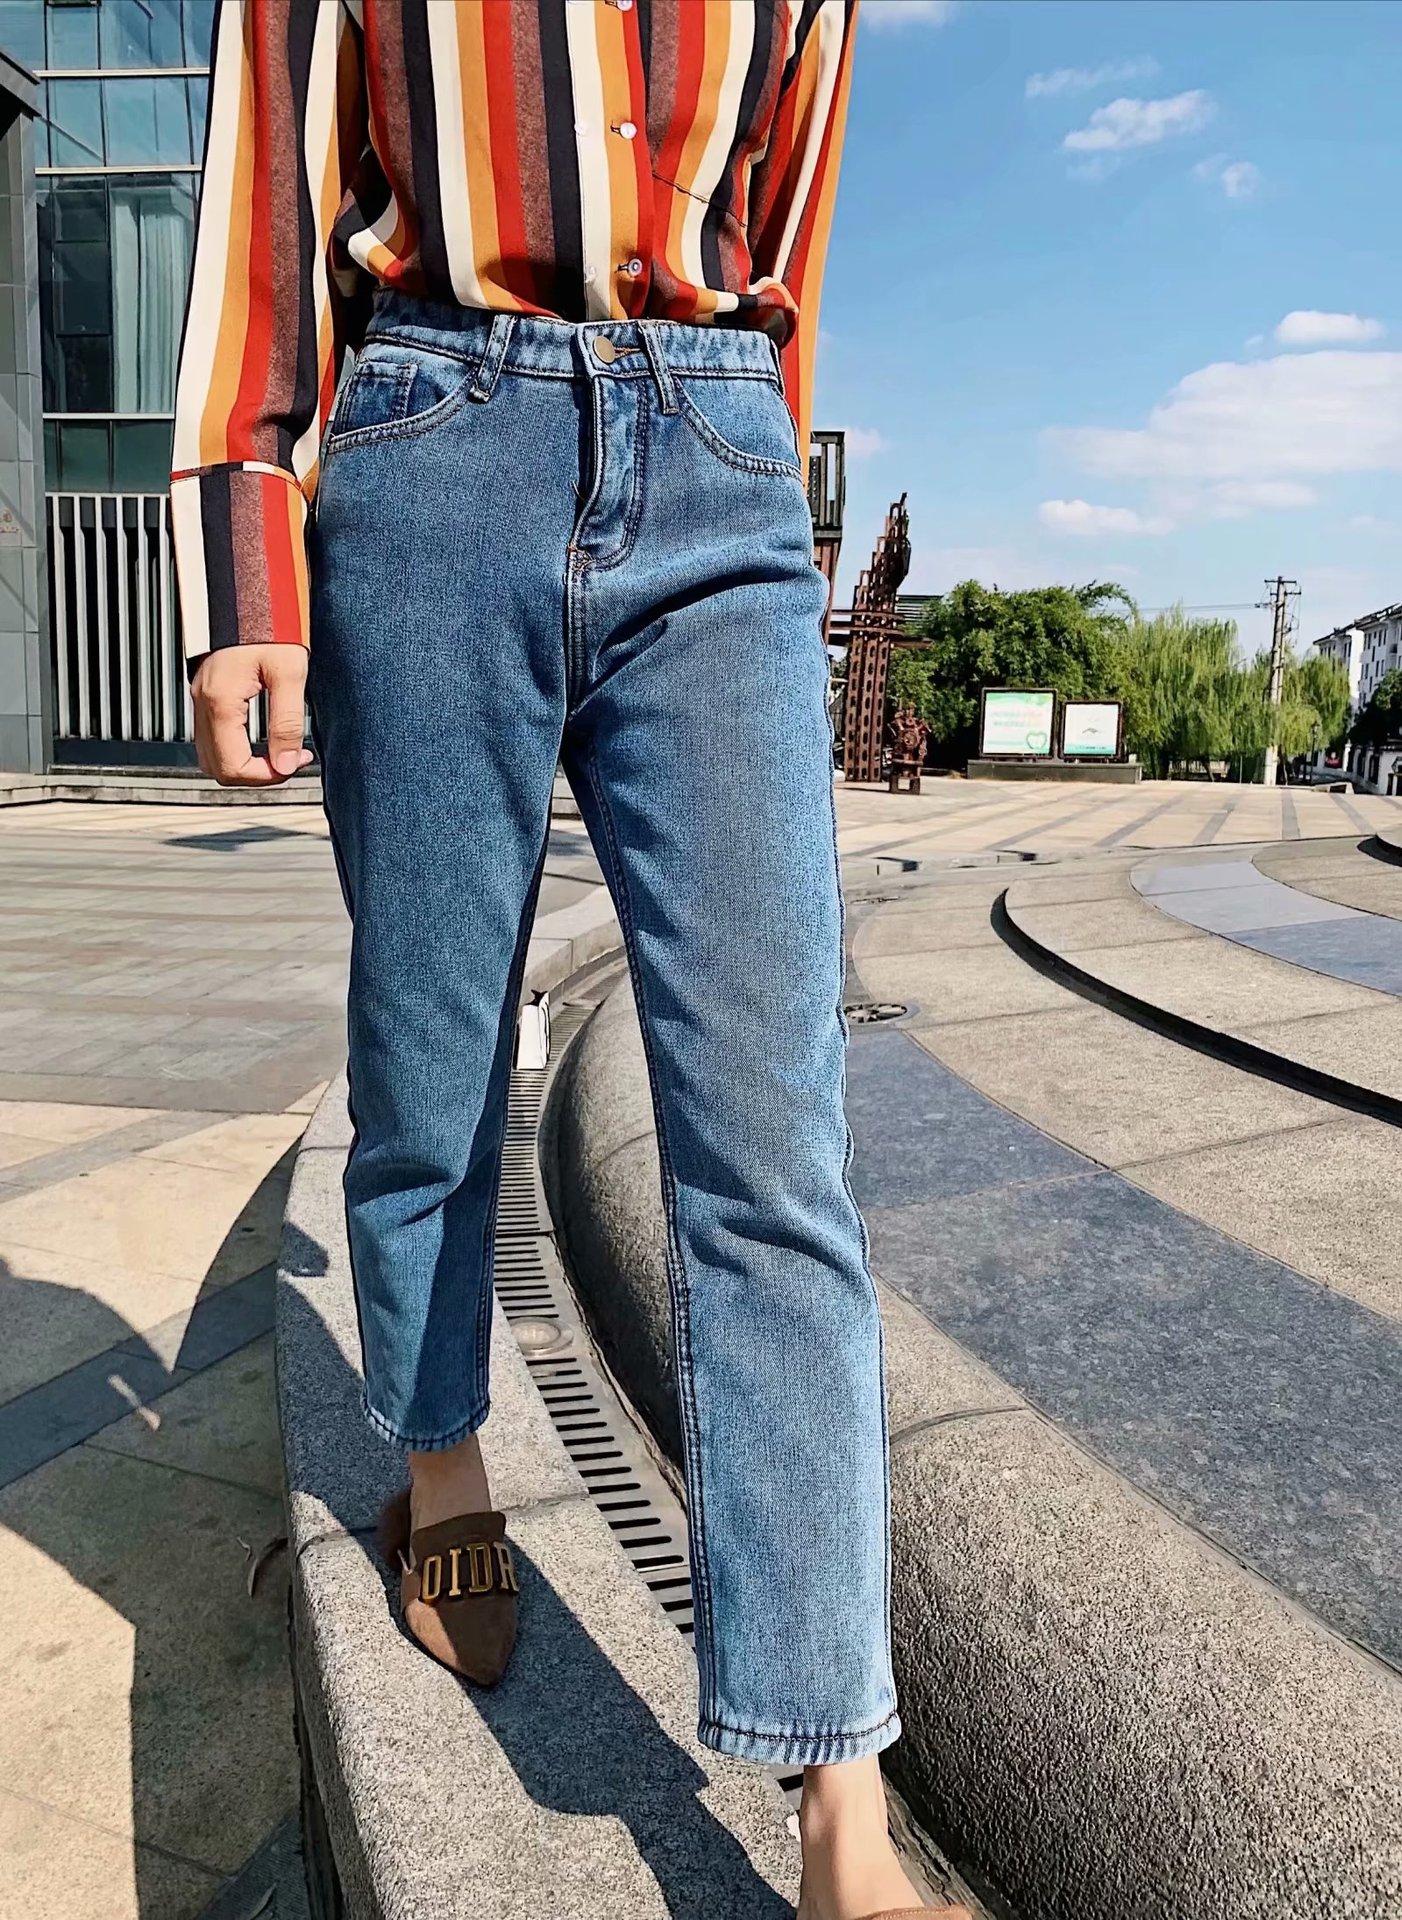 Новые осенние и зимние 2019 женские дикие базовые модели плюс толстый бархат Теплые повседневные джинсы брюки-27210